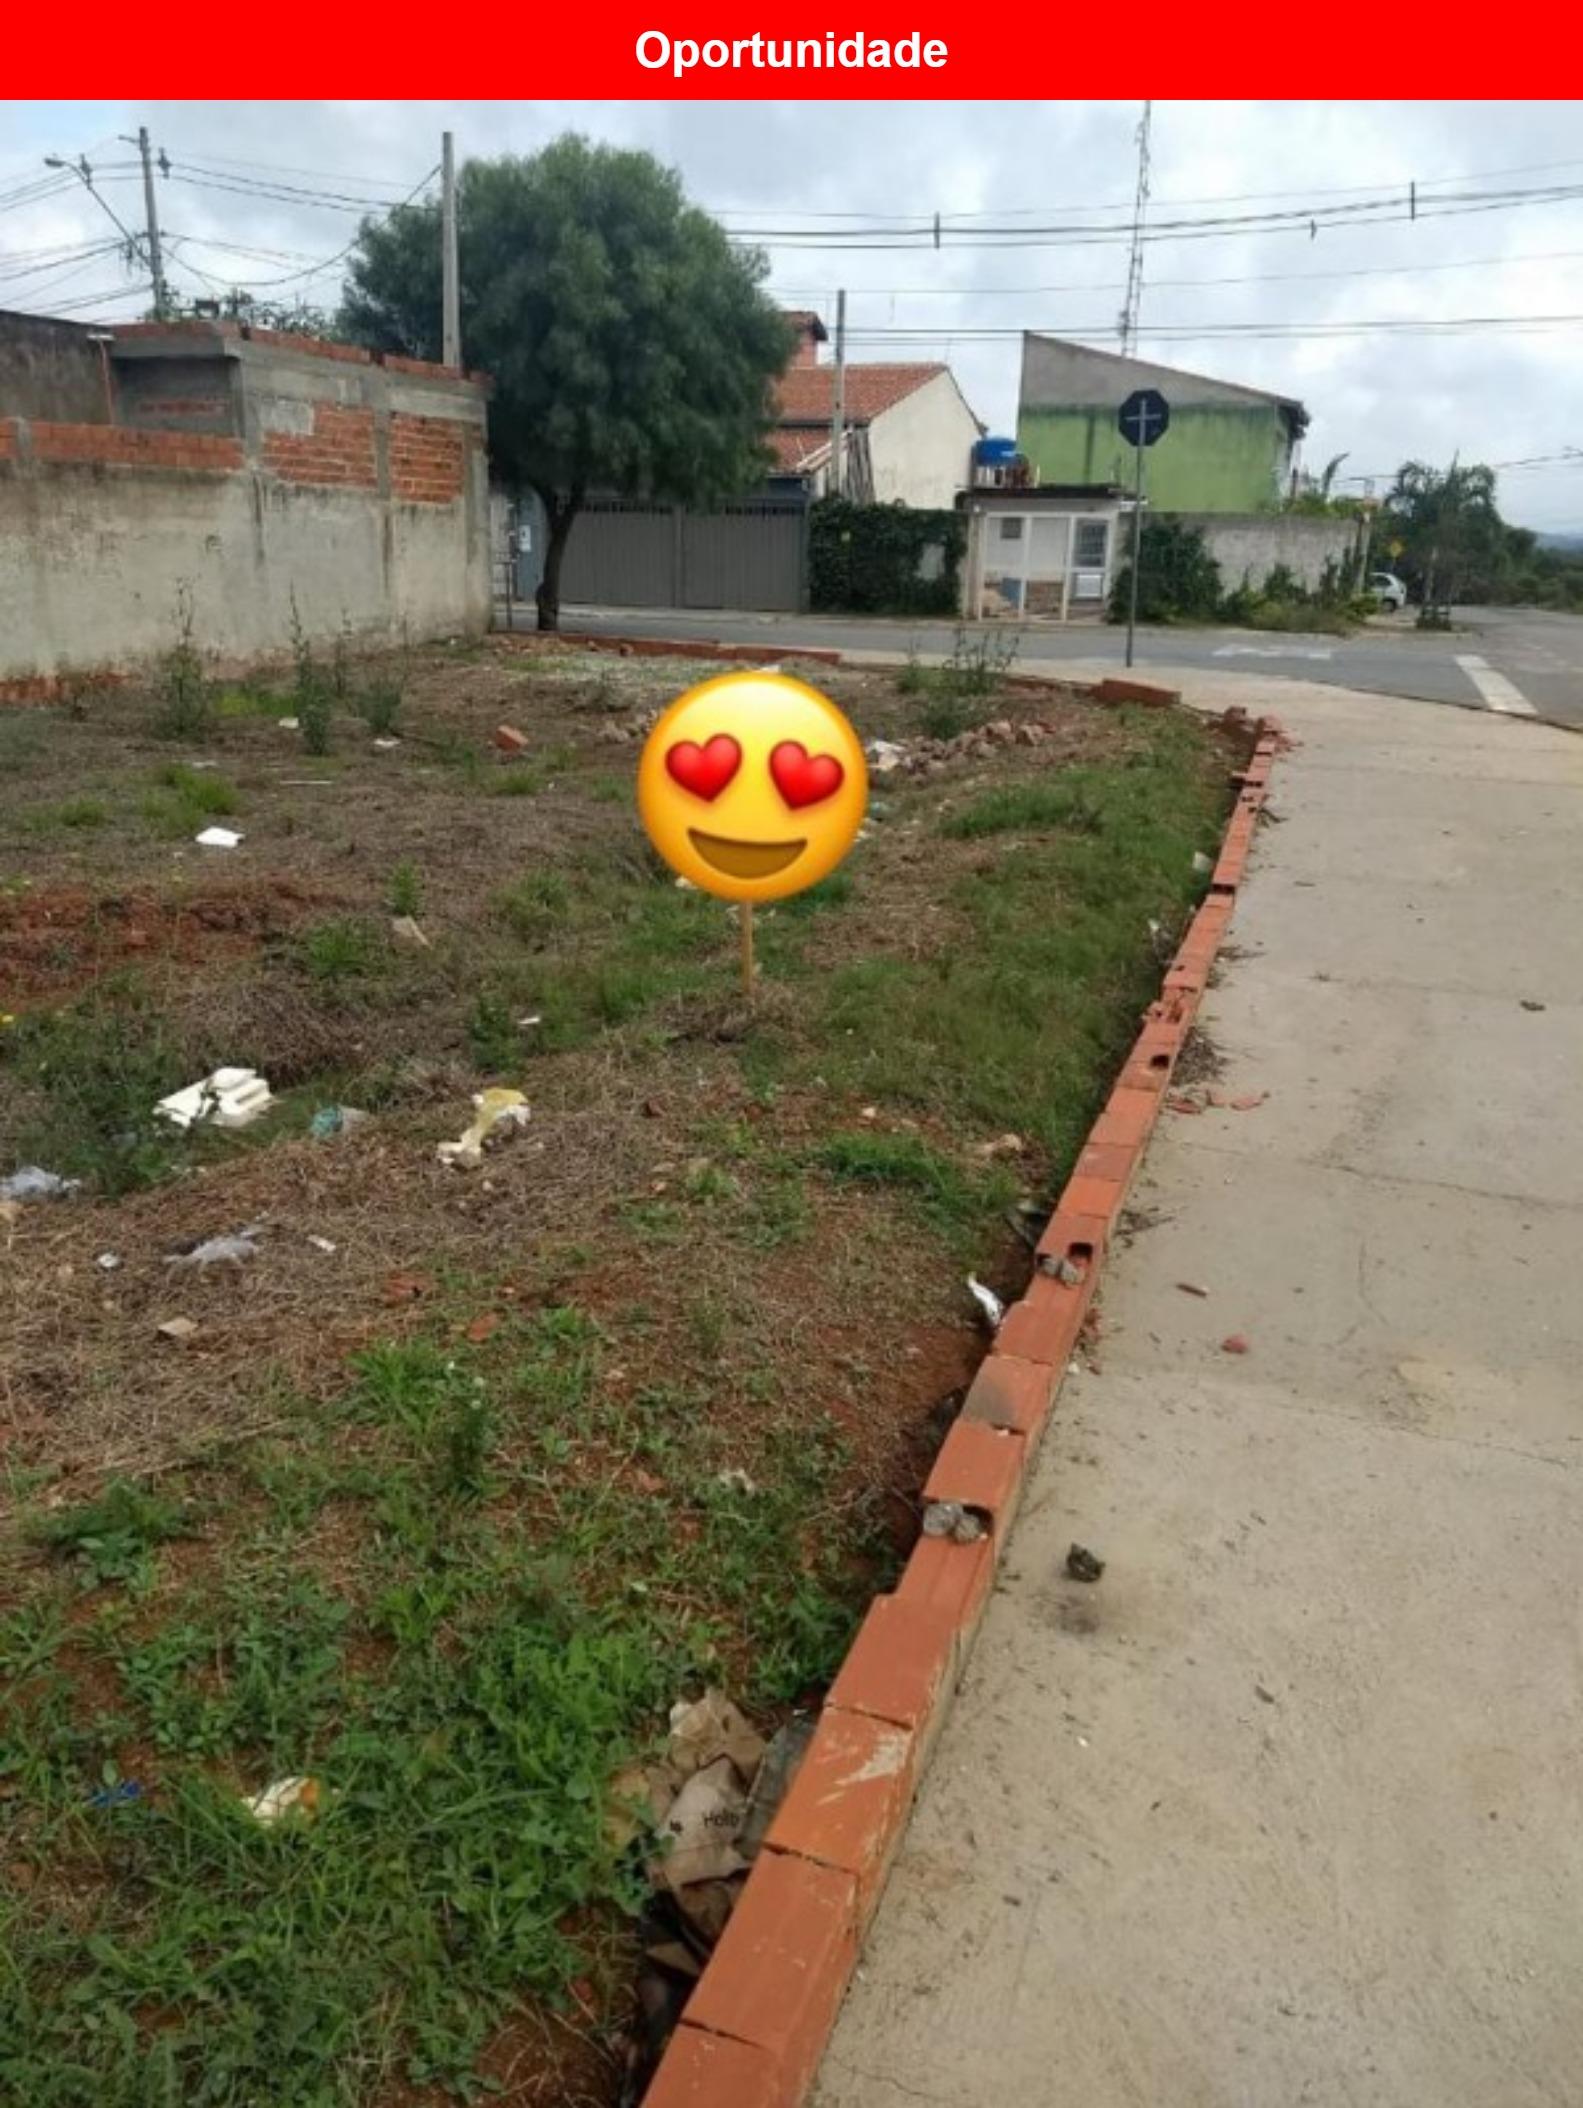 Terreno a venda no JARDIM DAS AZALÉIAS, Sorocaba - sp